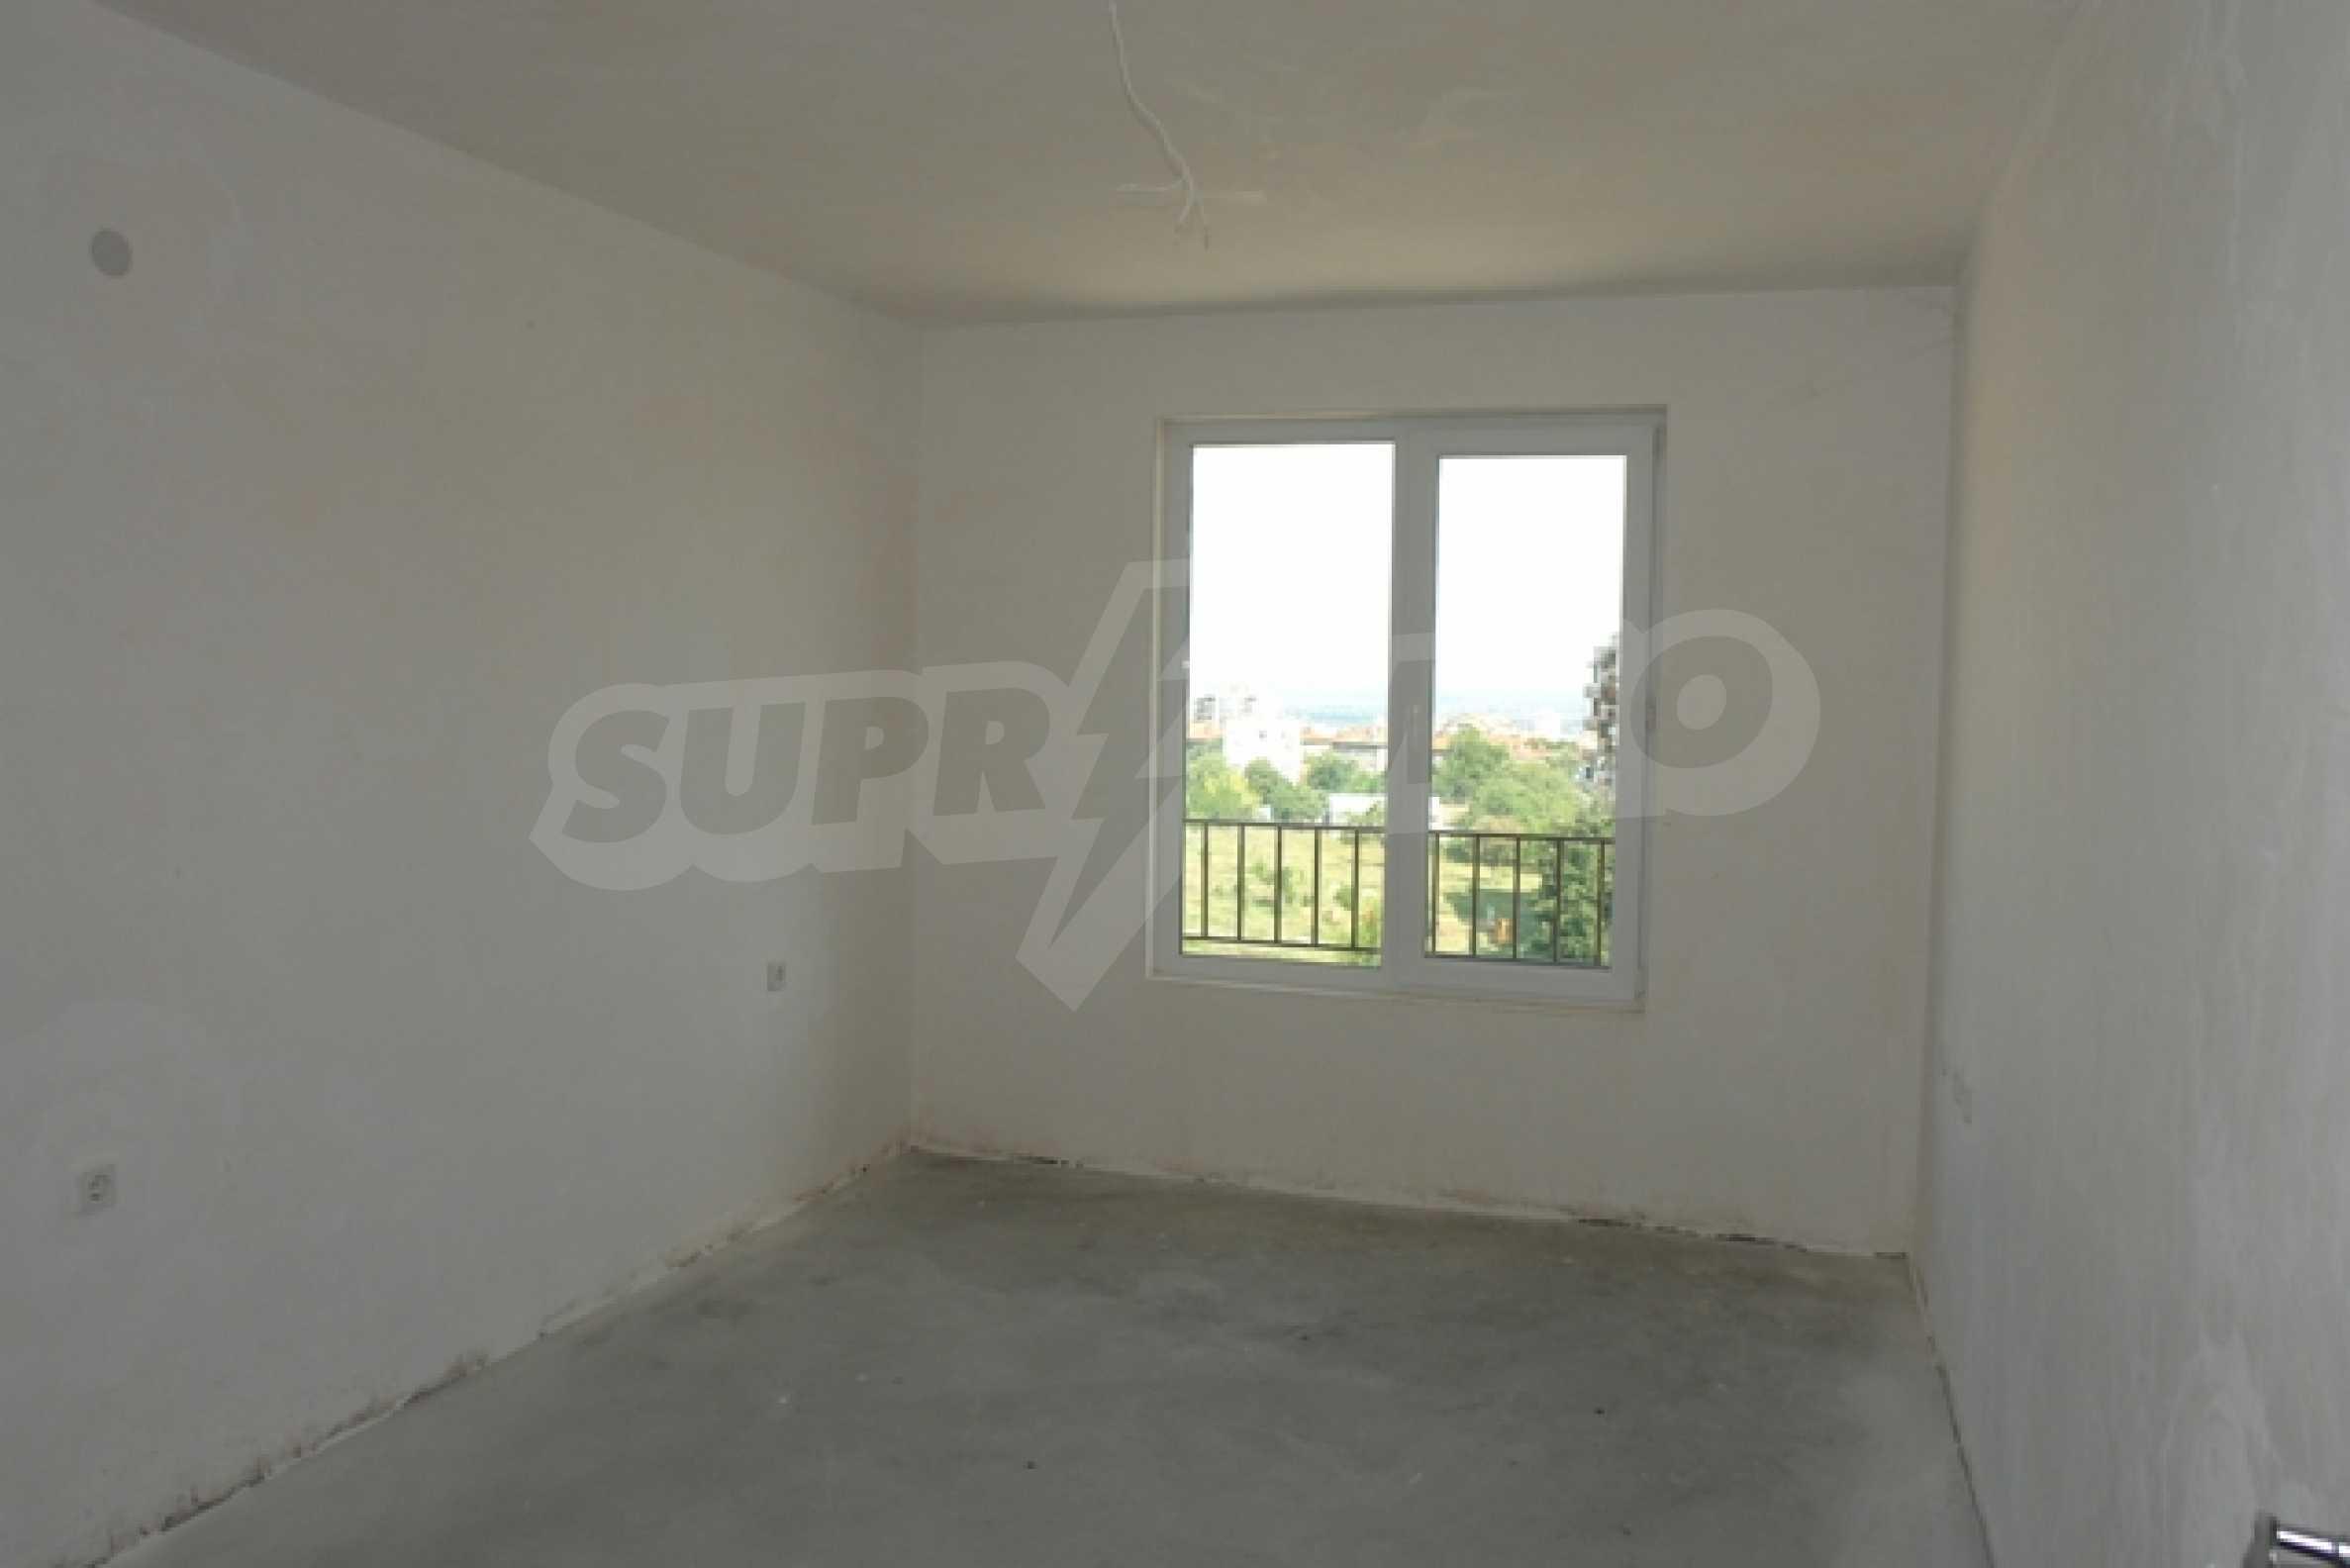 Тристаен апартамент в Русе с невероятна панорама към града 6